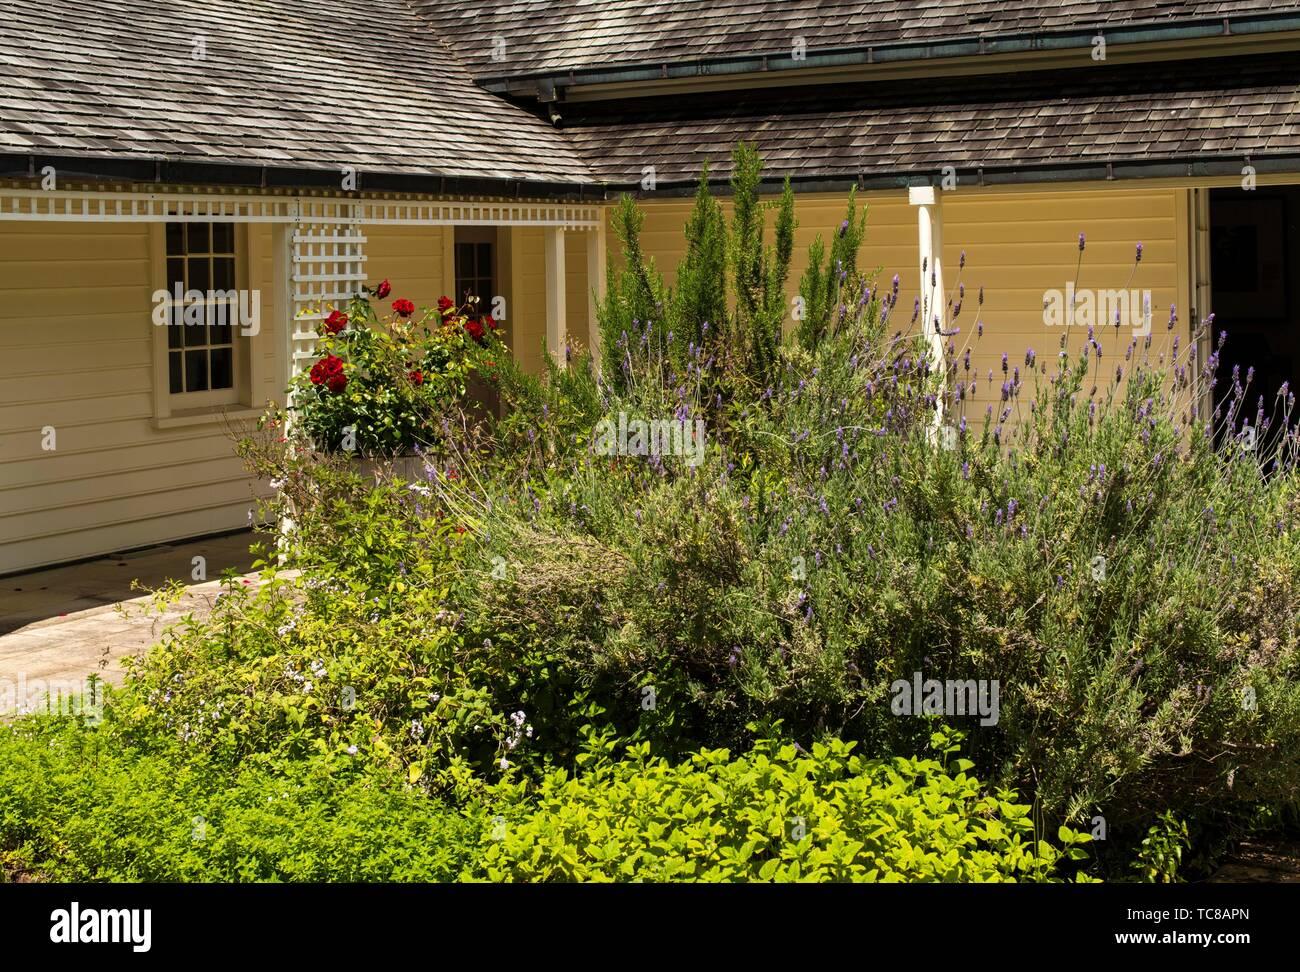 The Treaty House at the Waitangi Treaty Grounds, New Zealand. - Stock Image